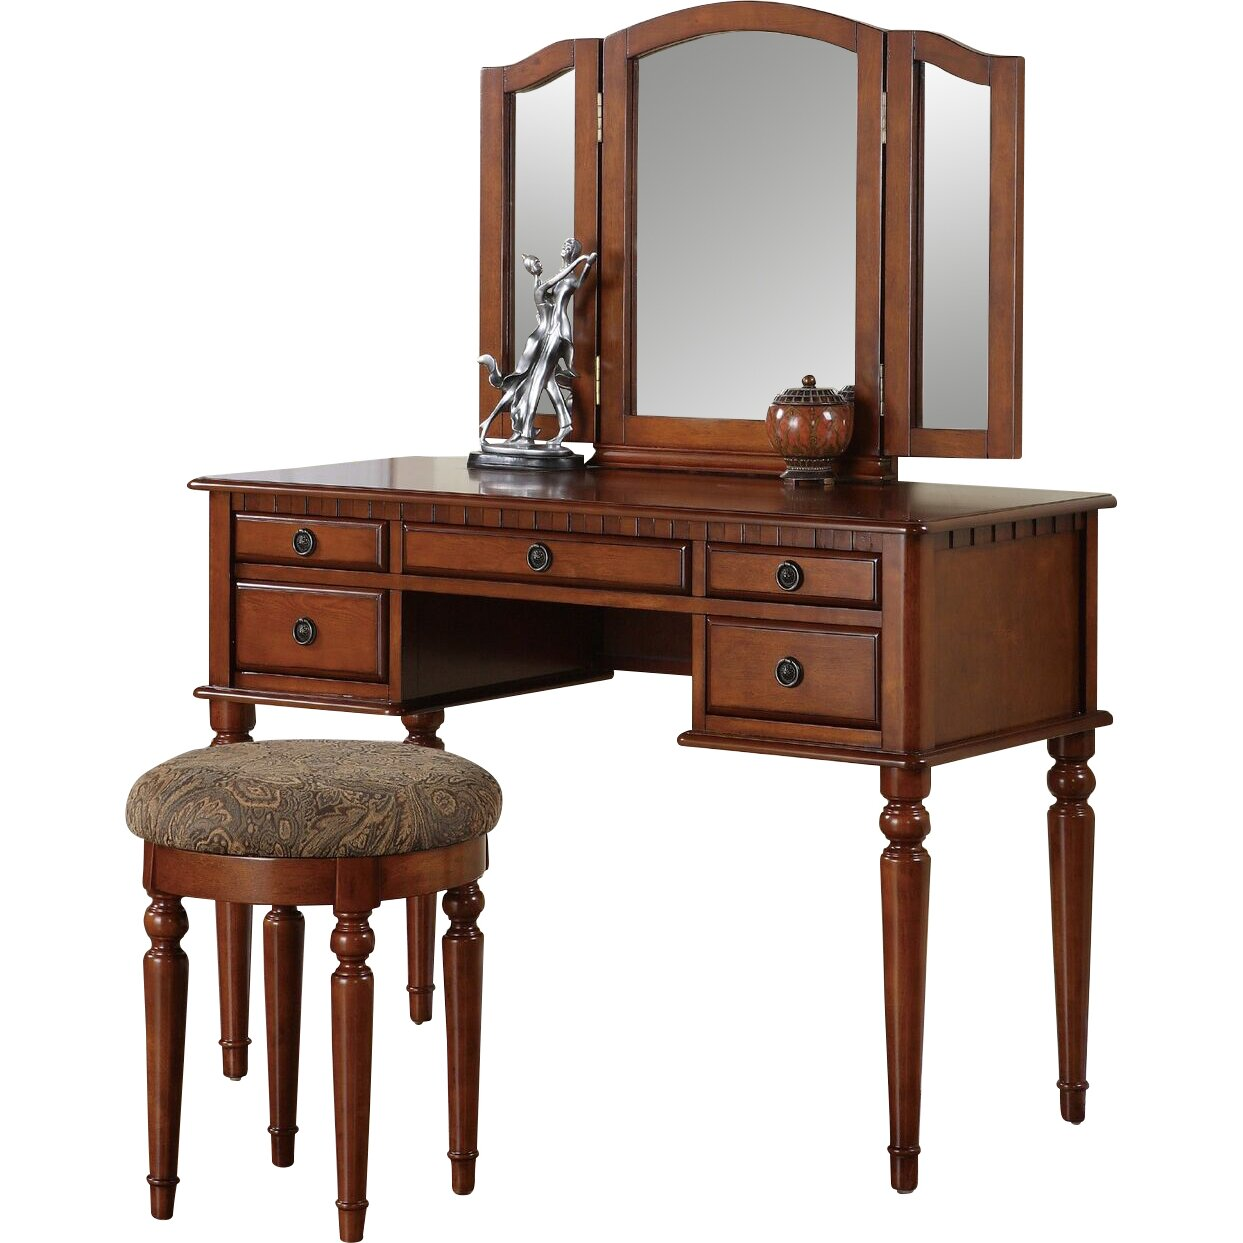 under black lights bedroom dresser cheap with sets modern set on sale mirror for vanity